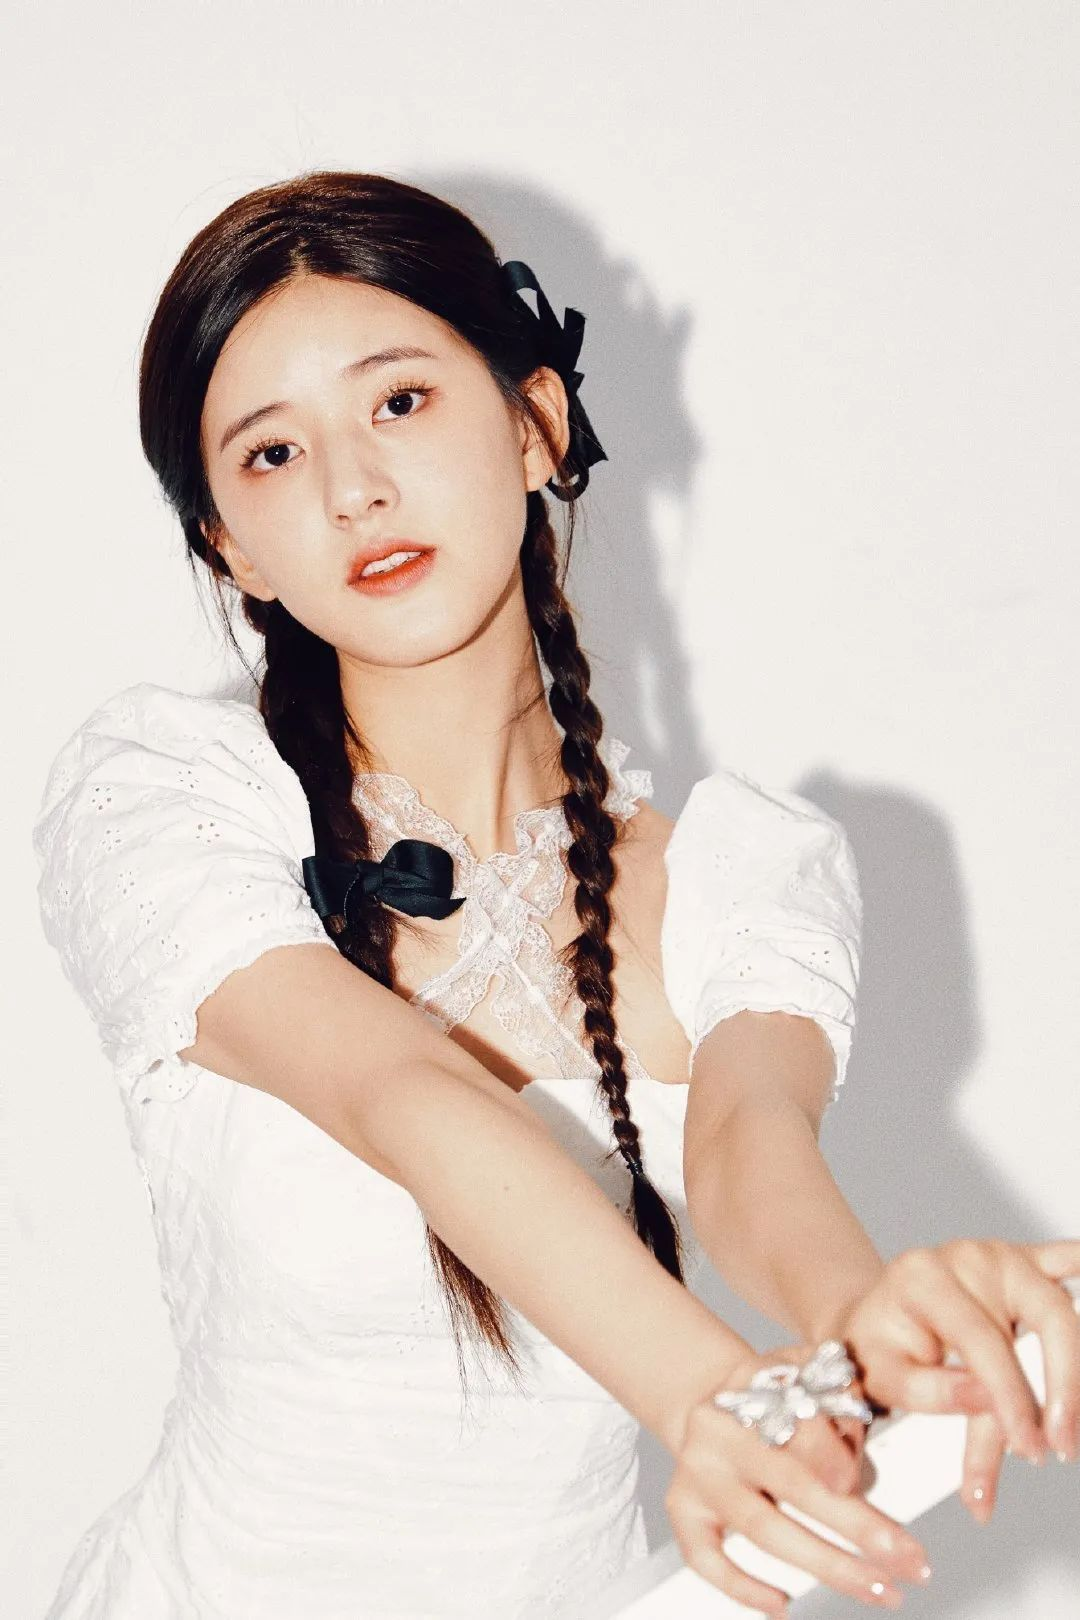 妹子写真 – 赵丽颖和赵露思,都是灵气十足的小仙女啊_图片 No.20